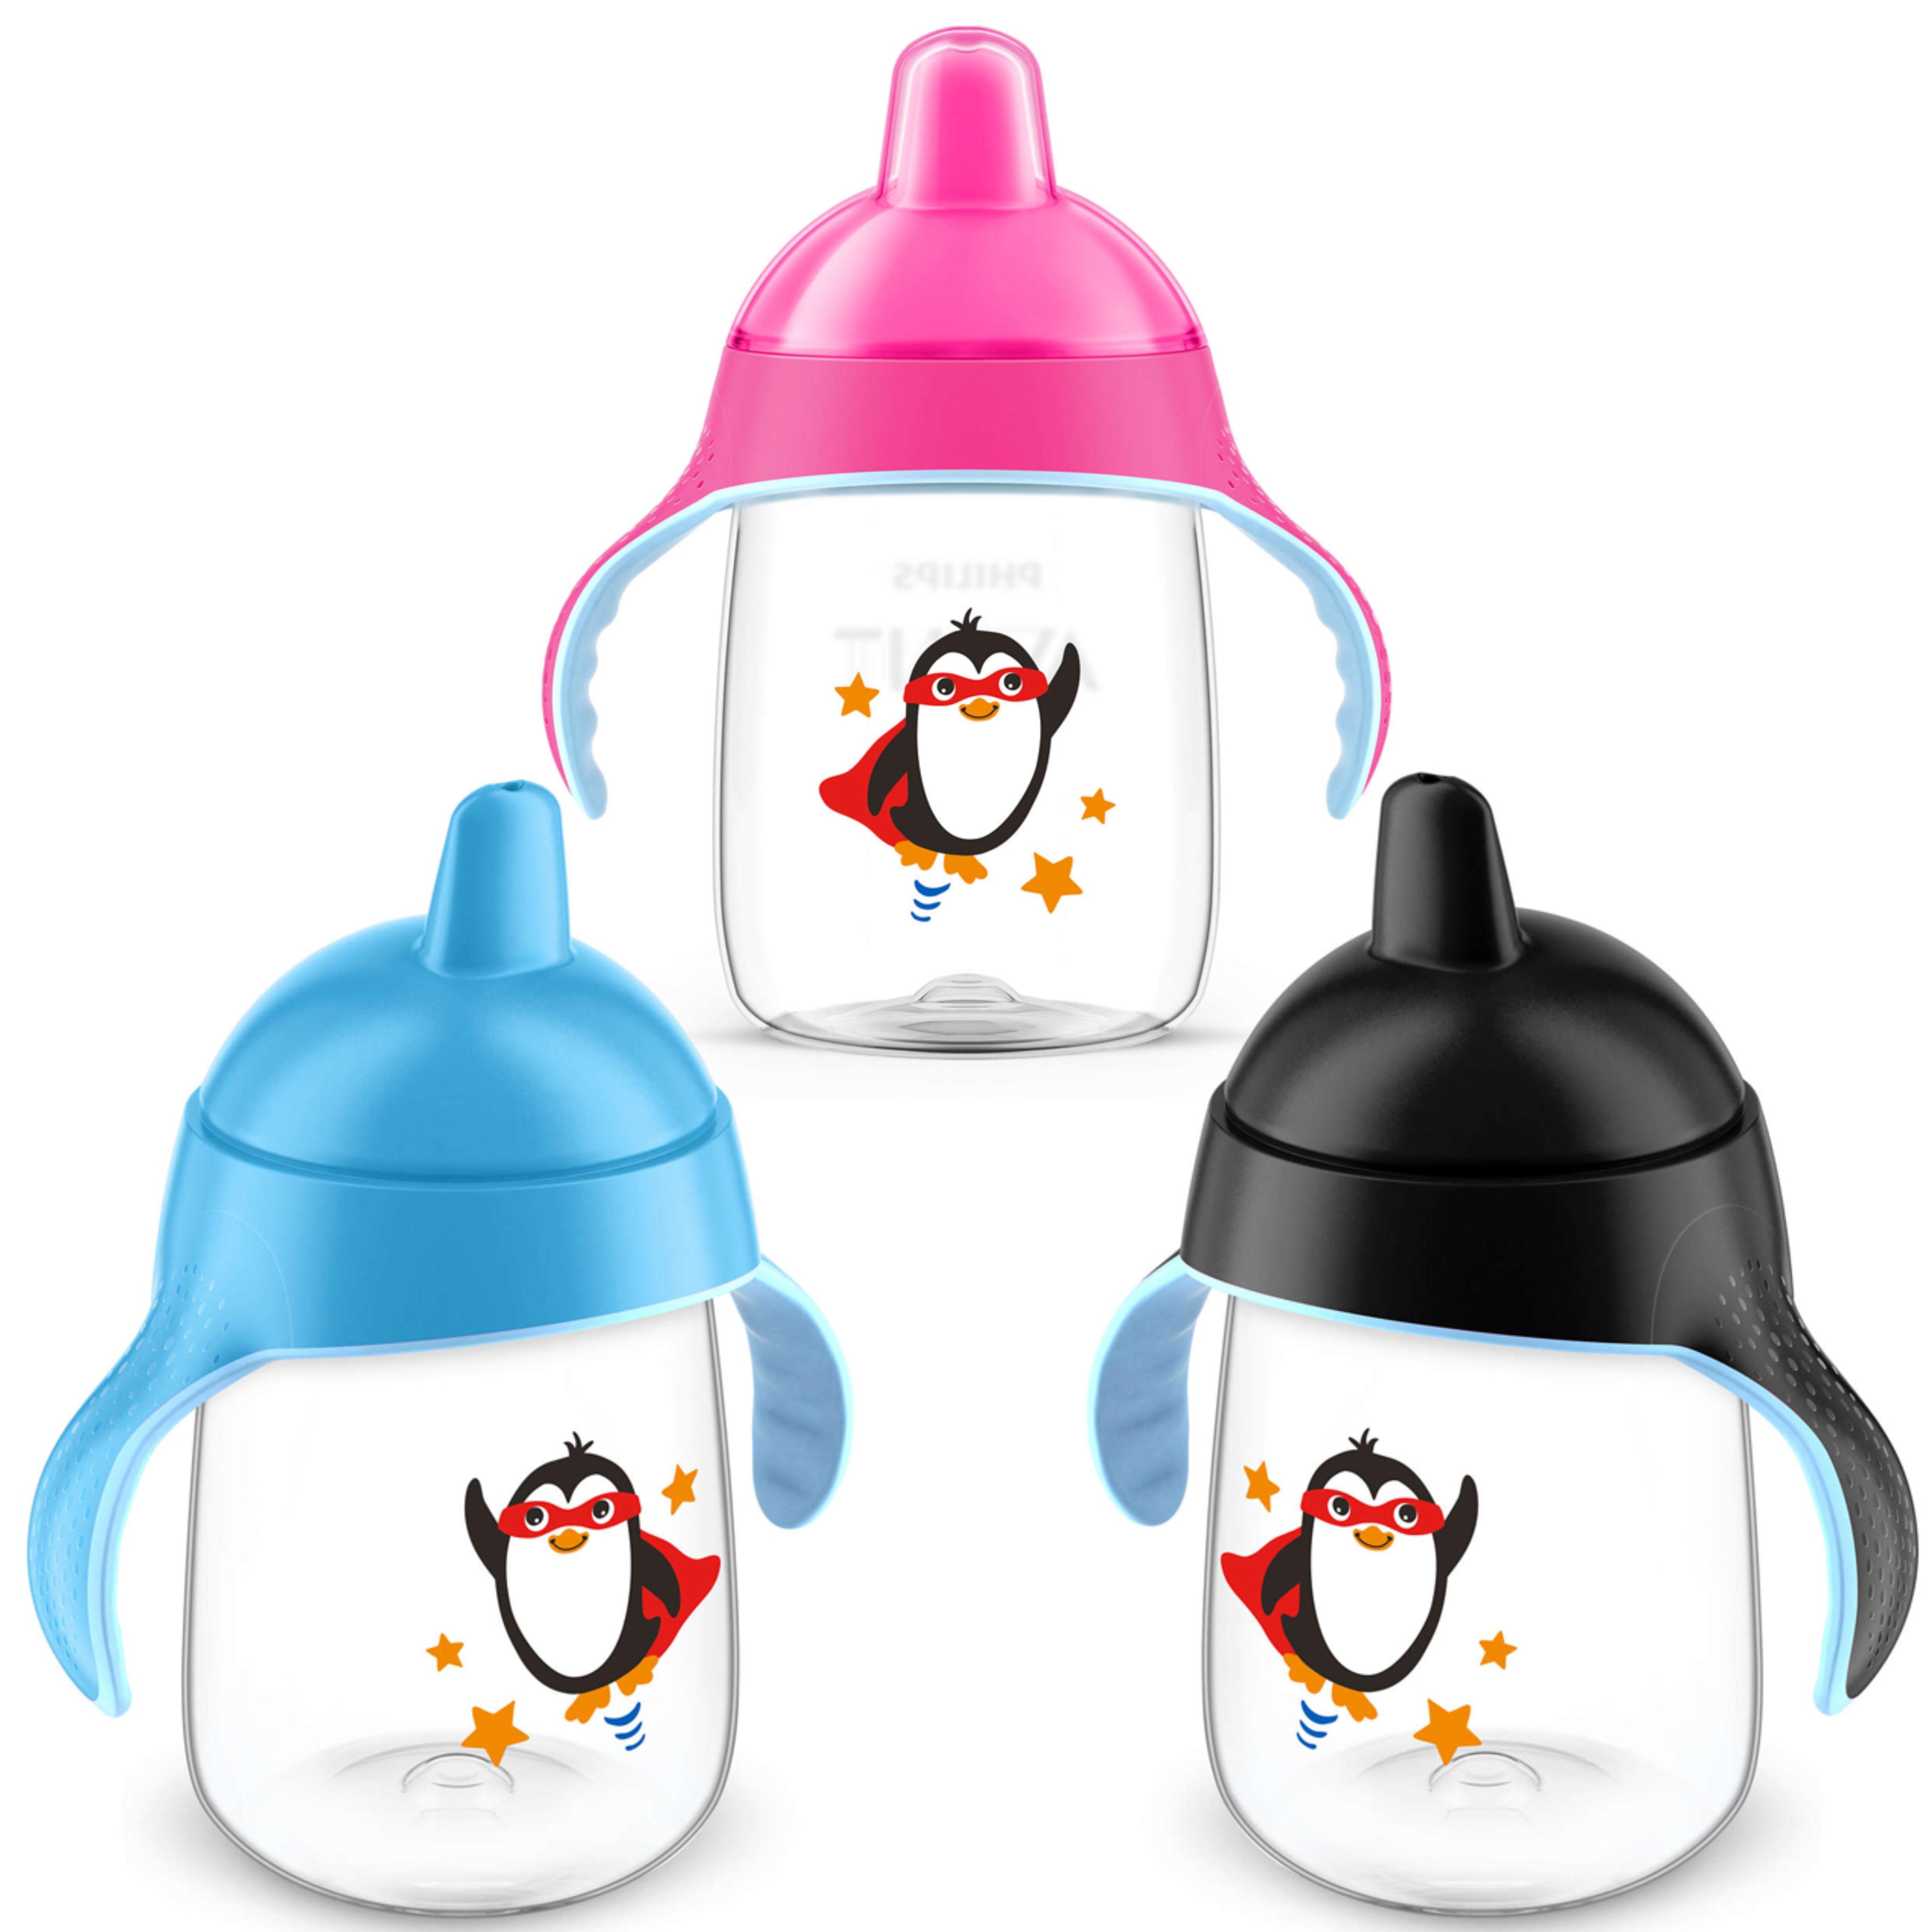 Philips Avent Premium Baby Spout Cupindependent Drinkhygiene Cap Philips Avent Premium Spout Cup 7oz Blue Sentinel